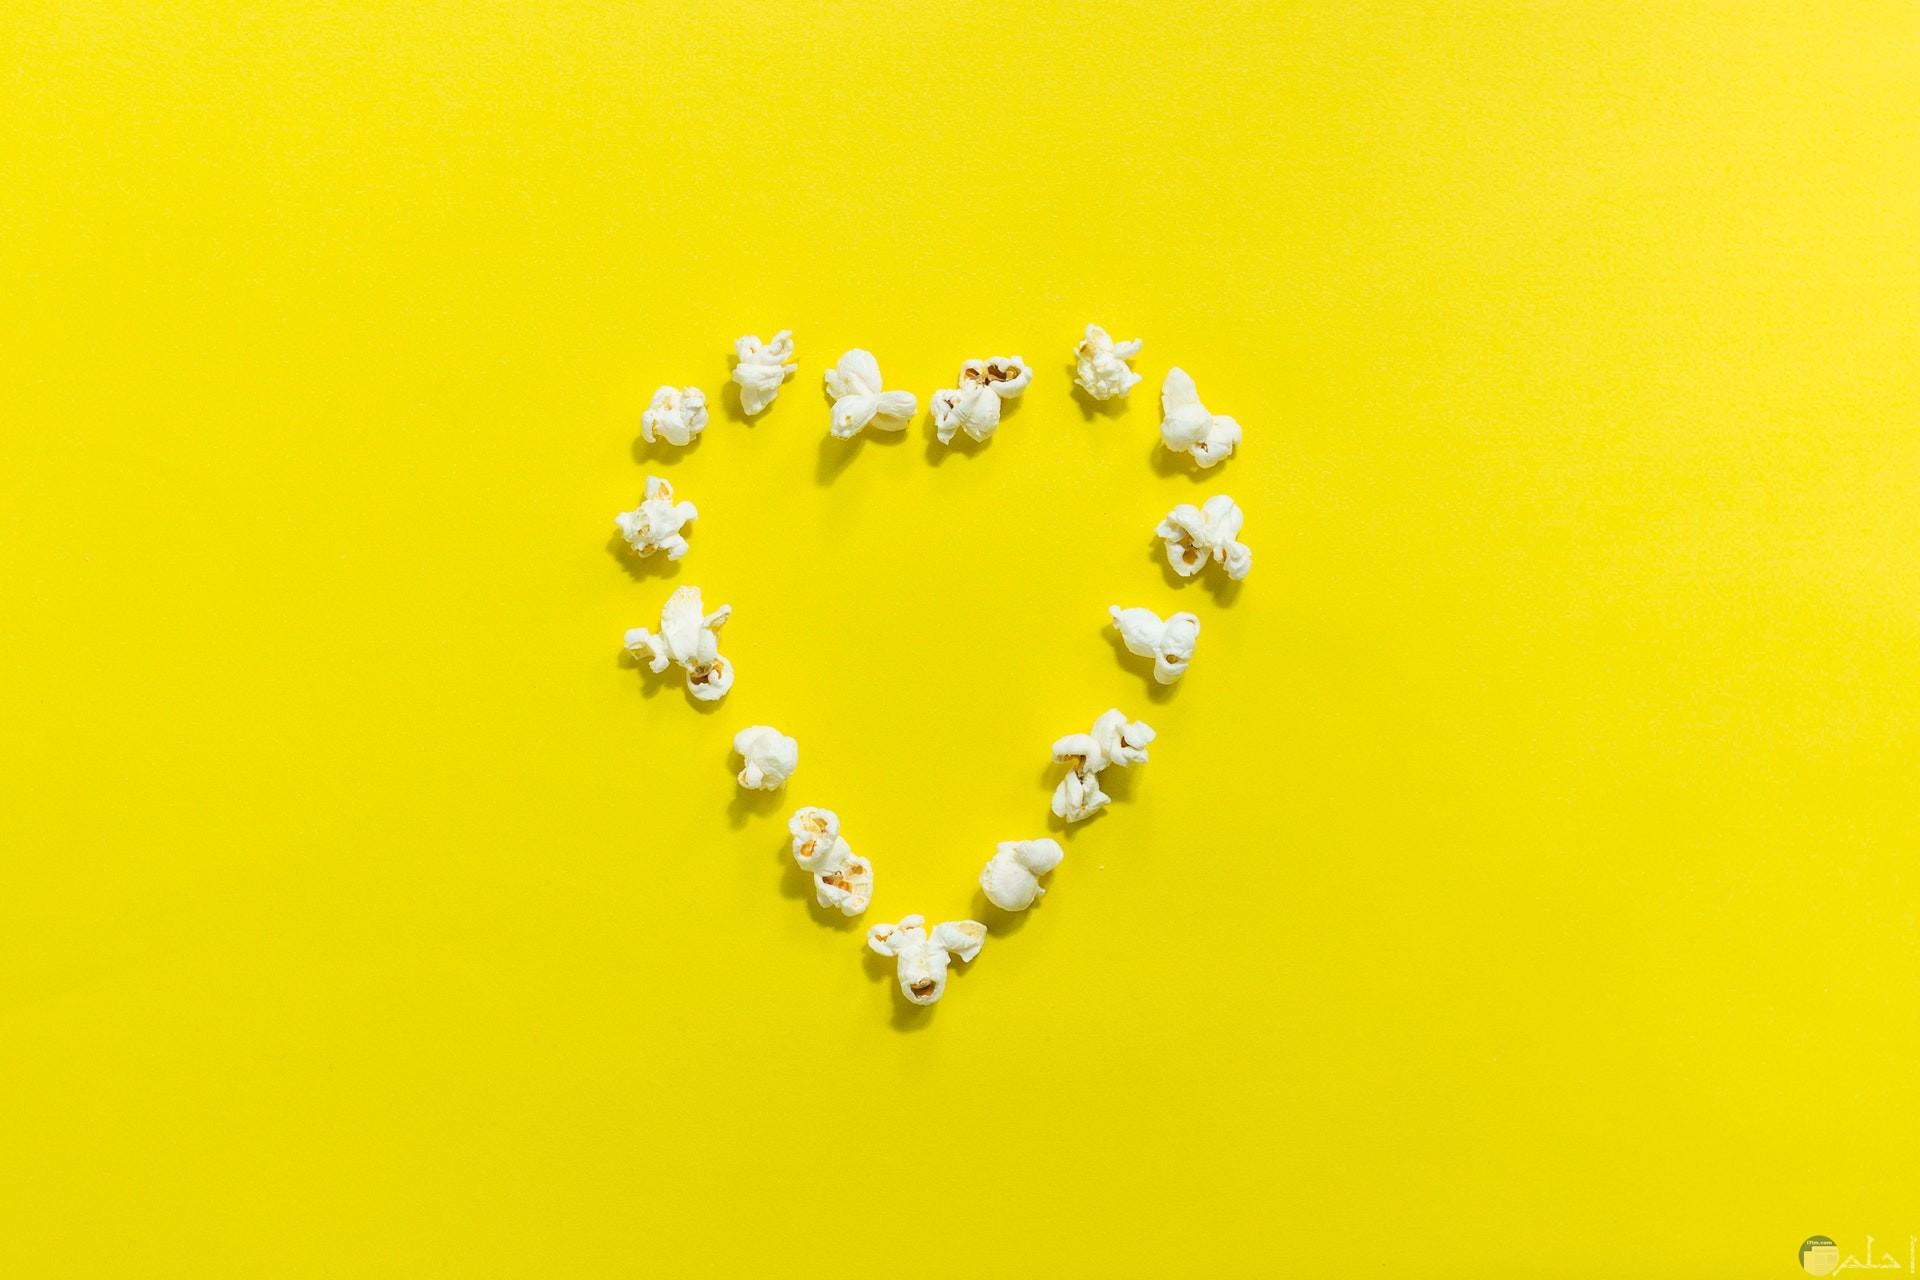 صورة لقلب جميل باللون الأصفر وحدود القلب من الفشار